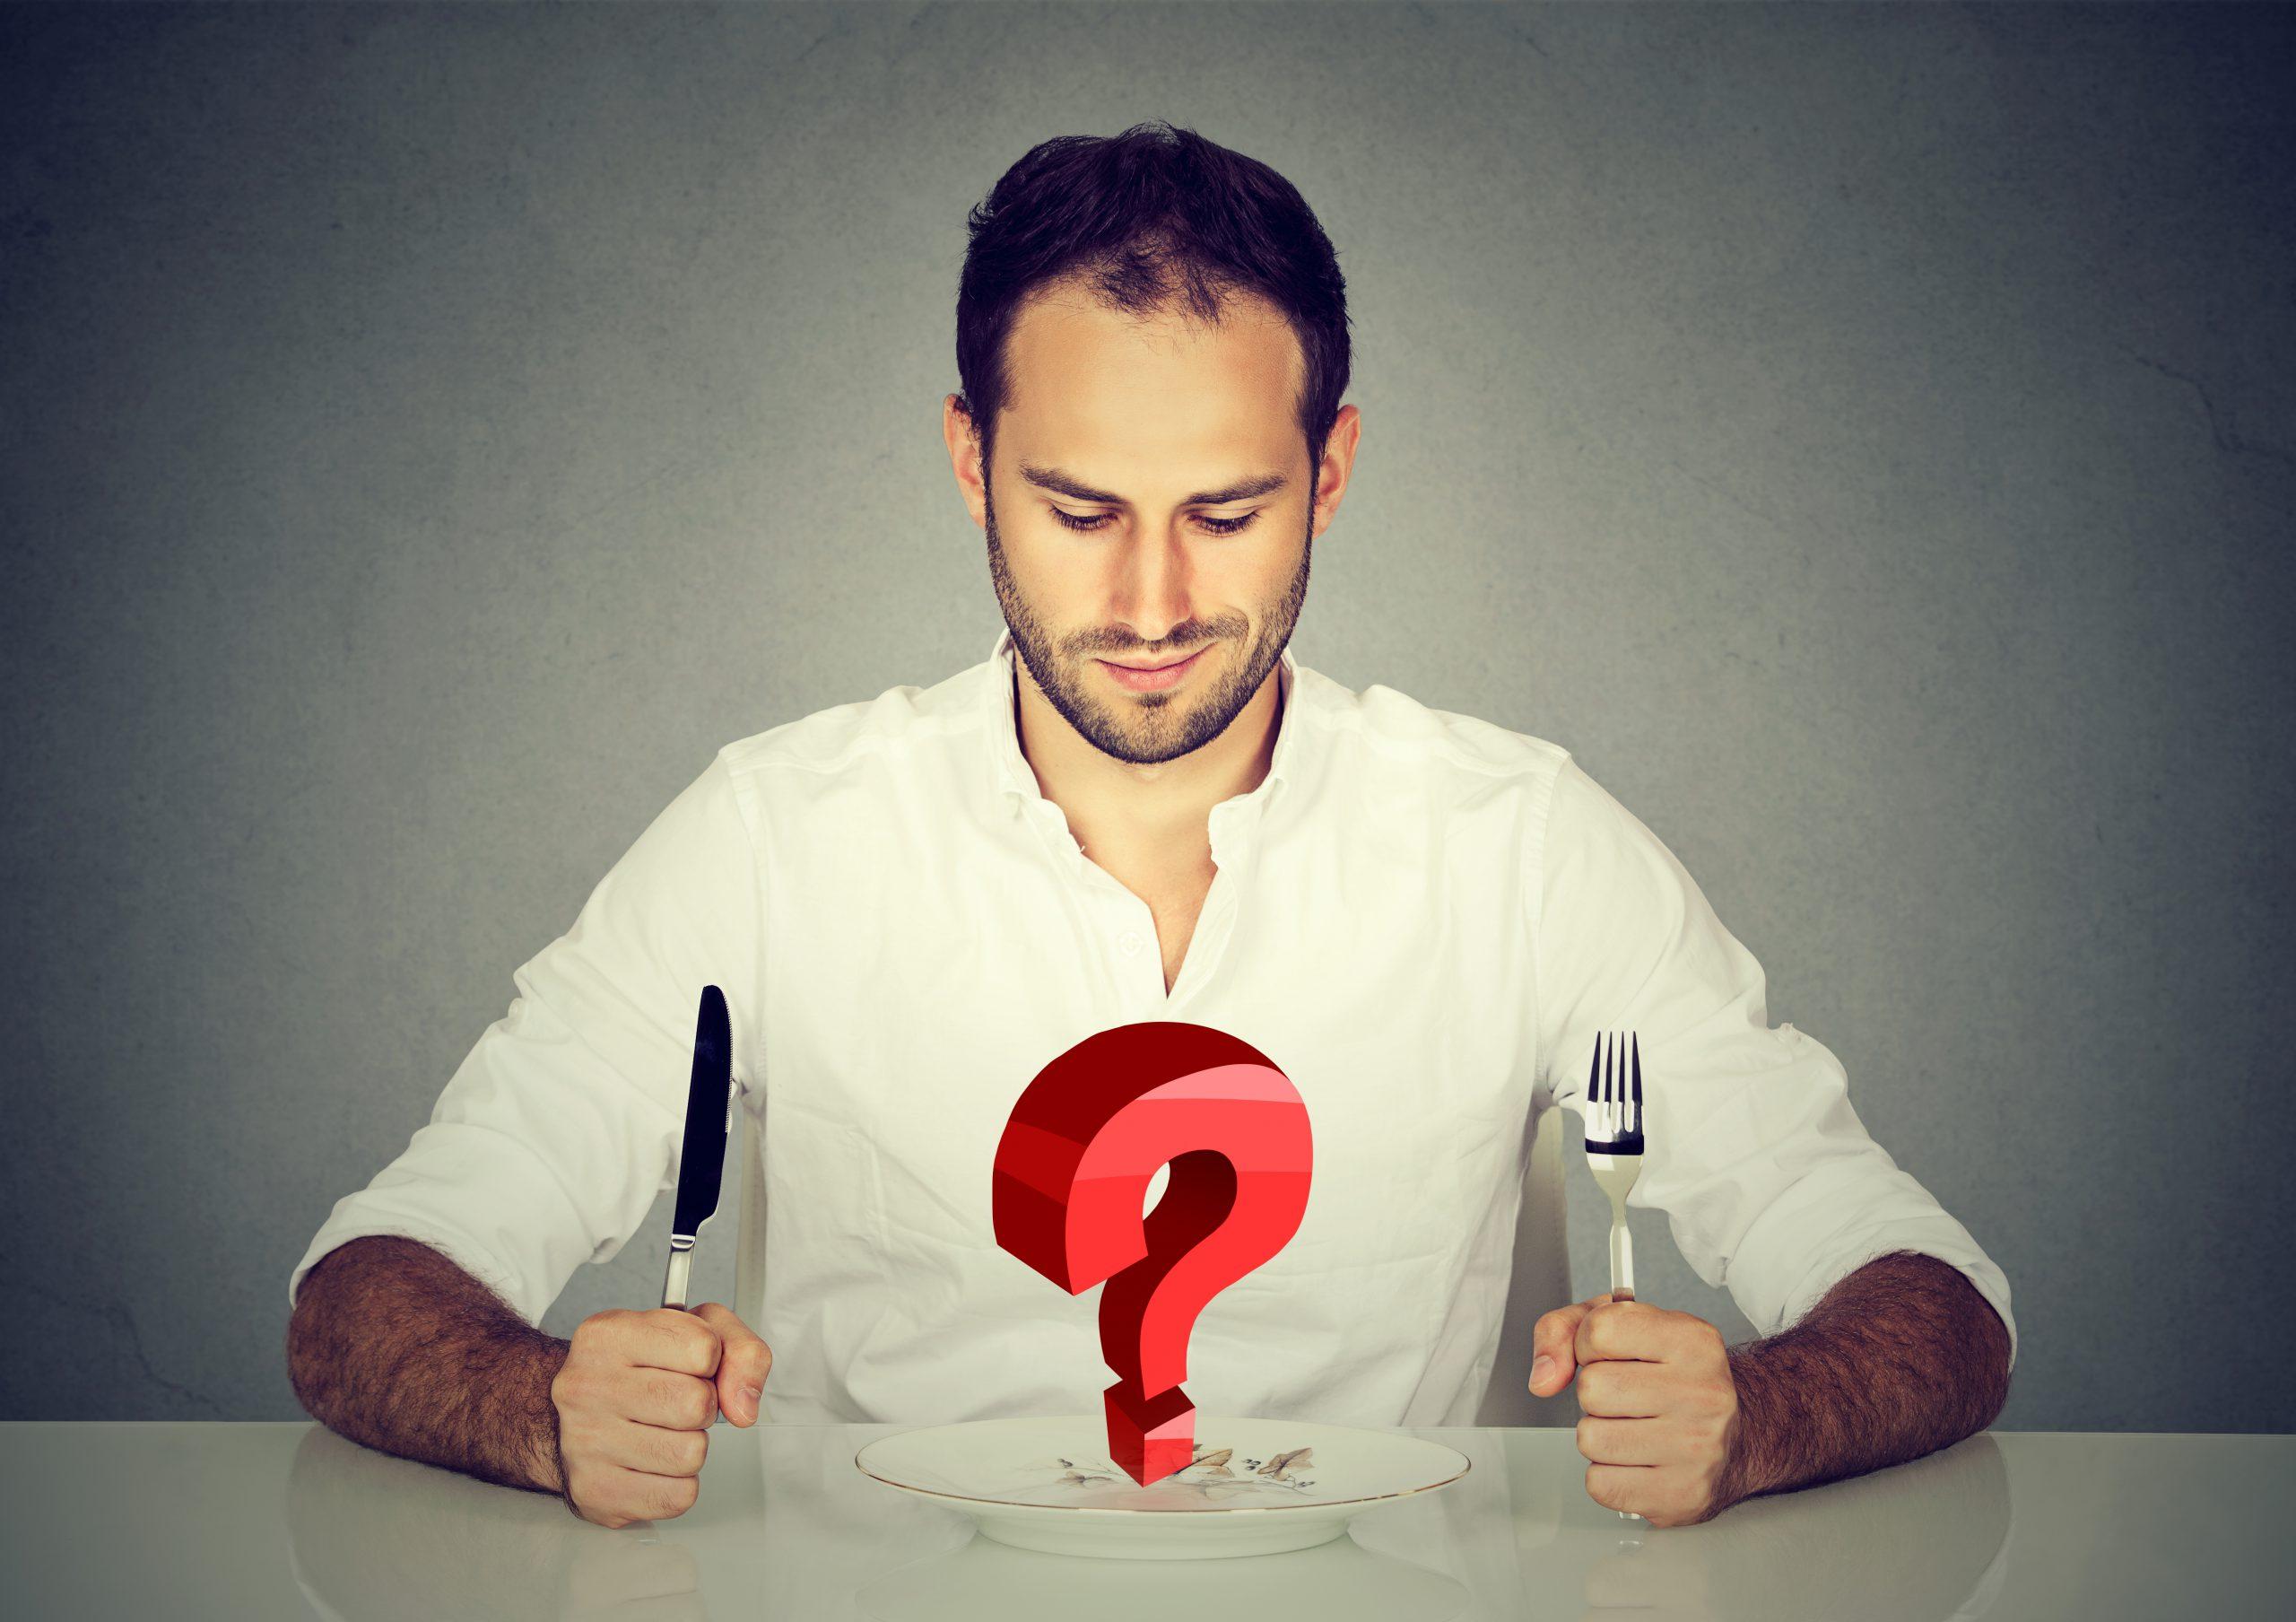 Mann mit Gabel und Messer sitzt am Tisch und blickt auf Teller mit großer roter Frage